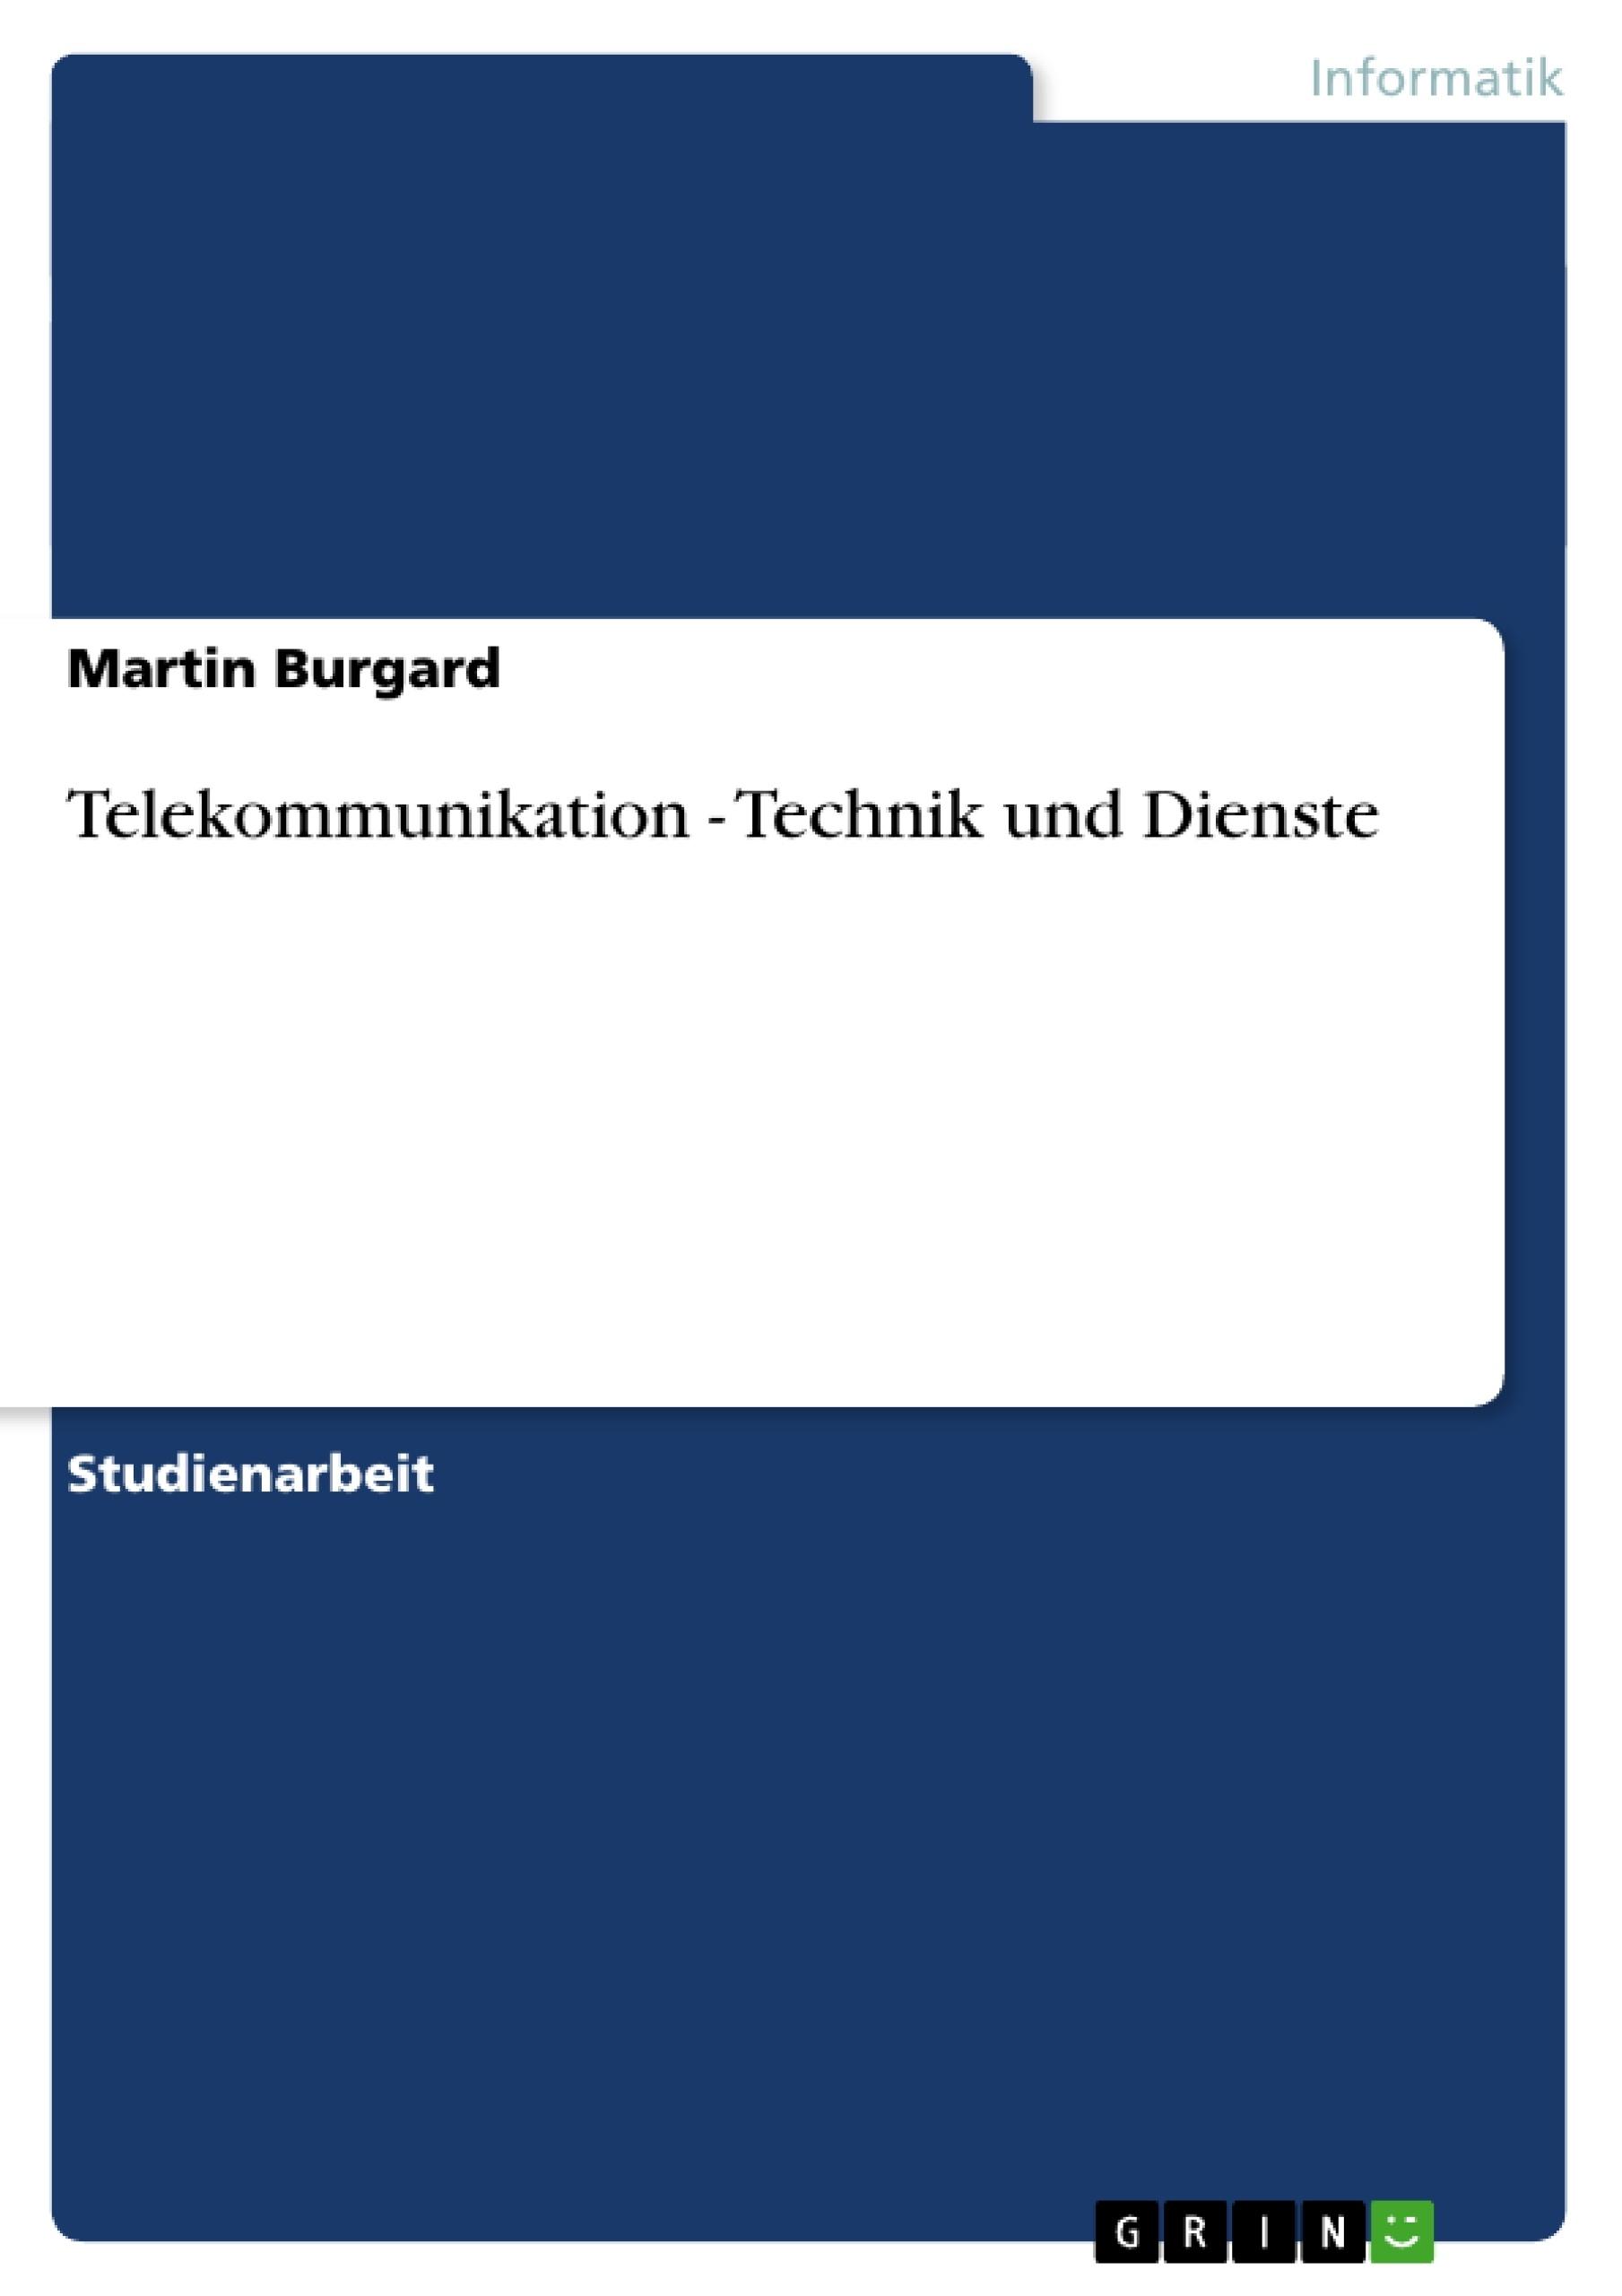 Titel: Telekommunikation - Technik und Dienste